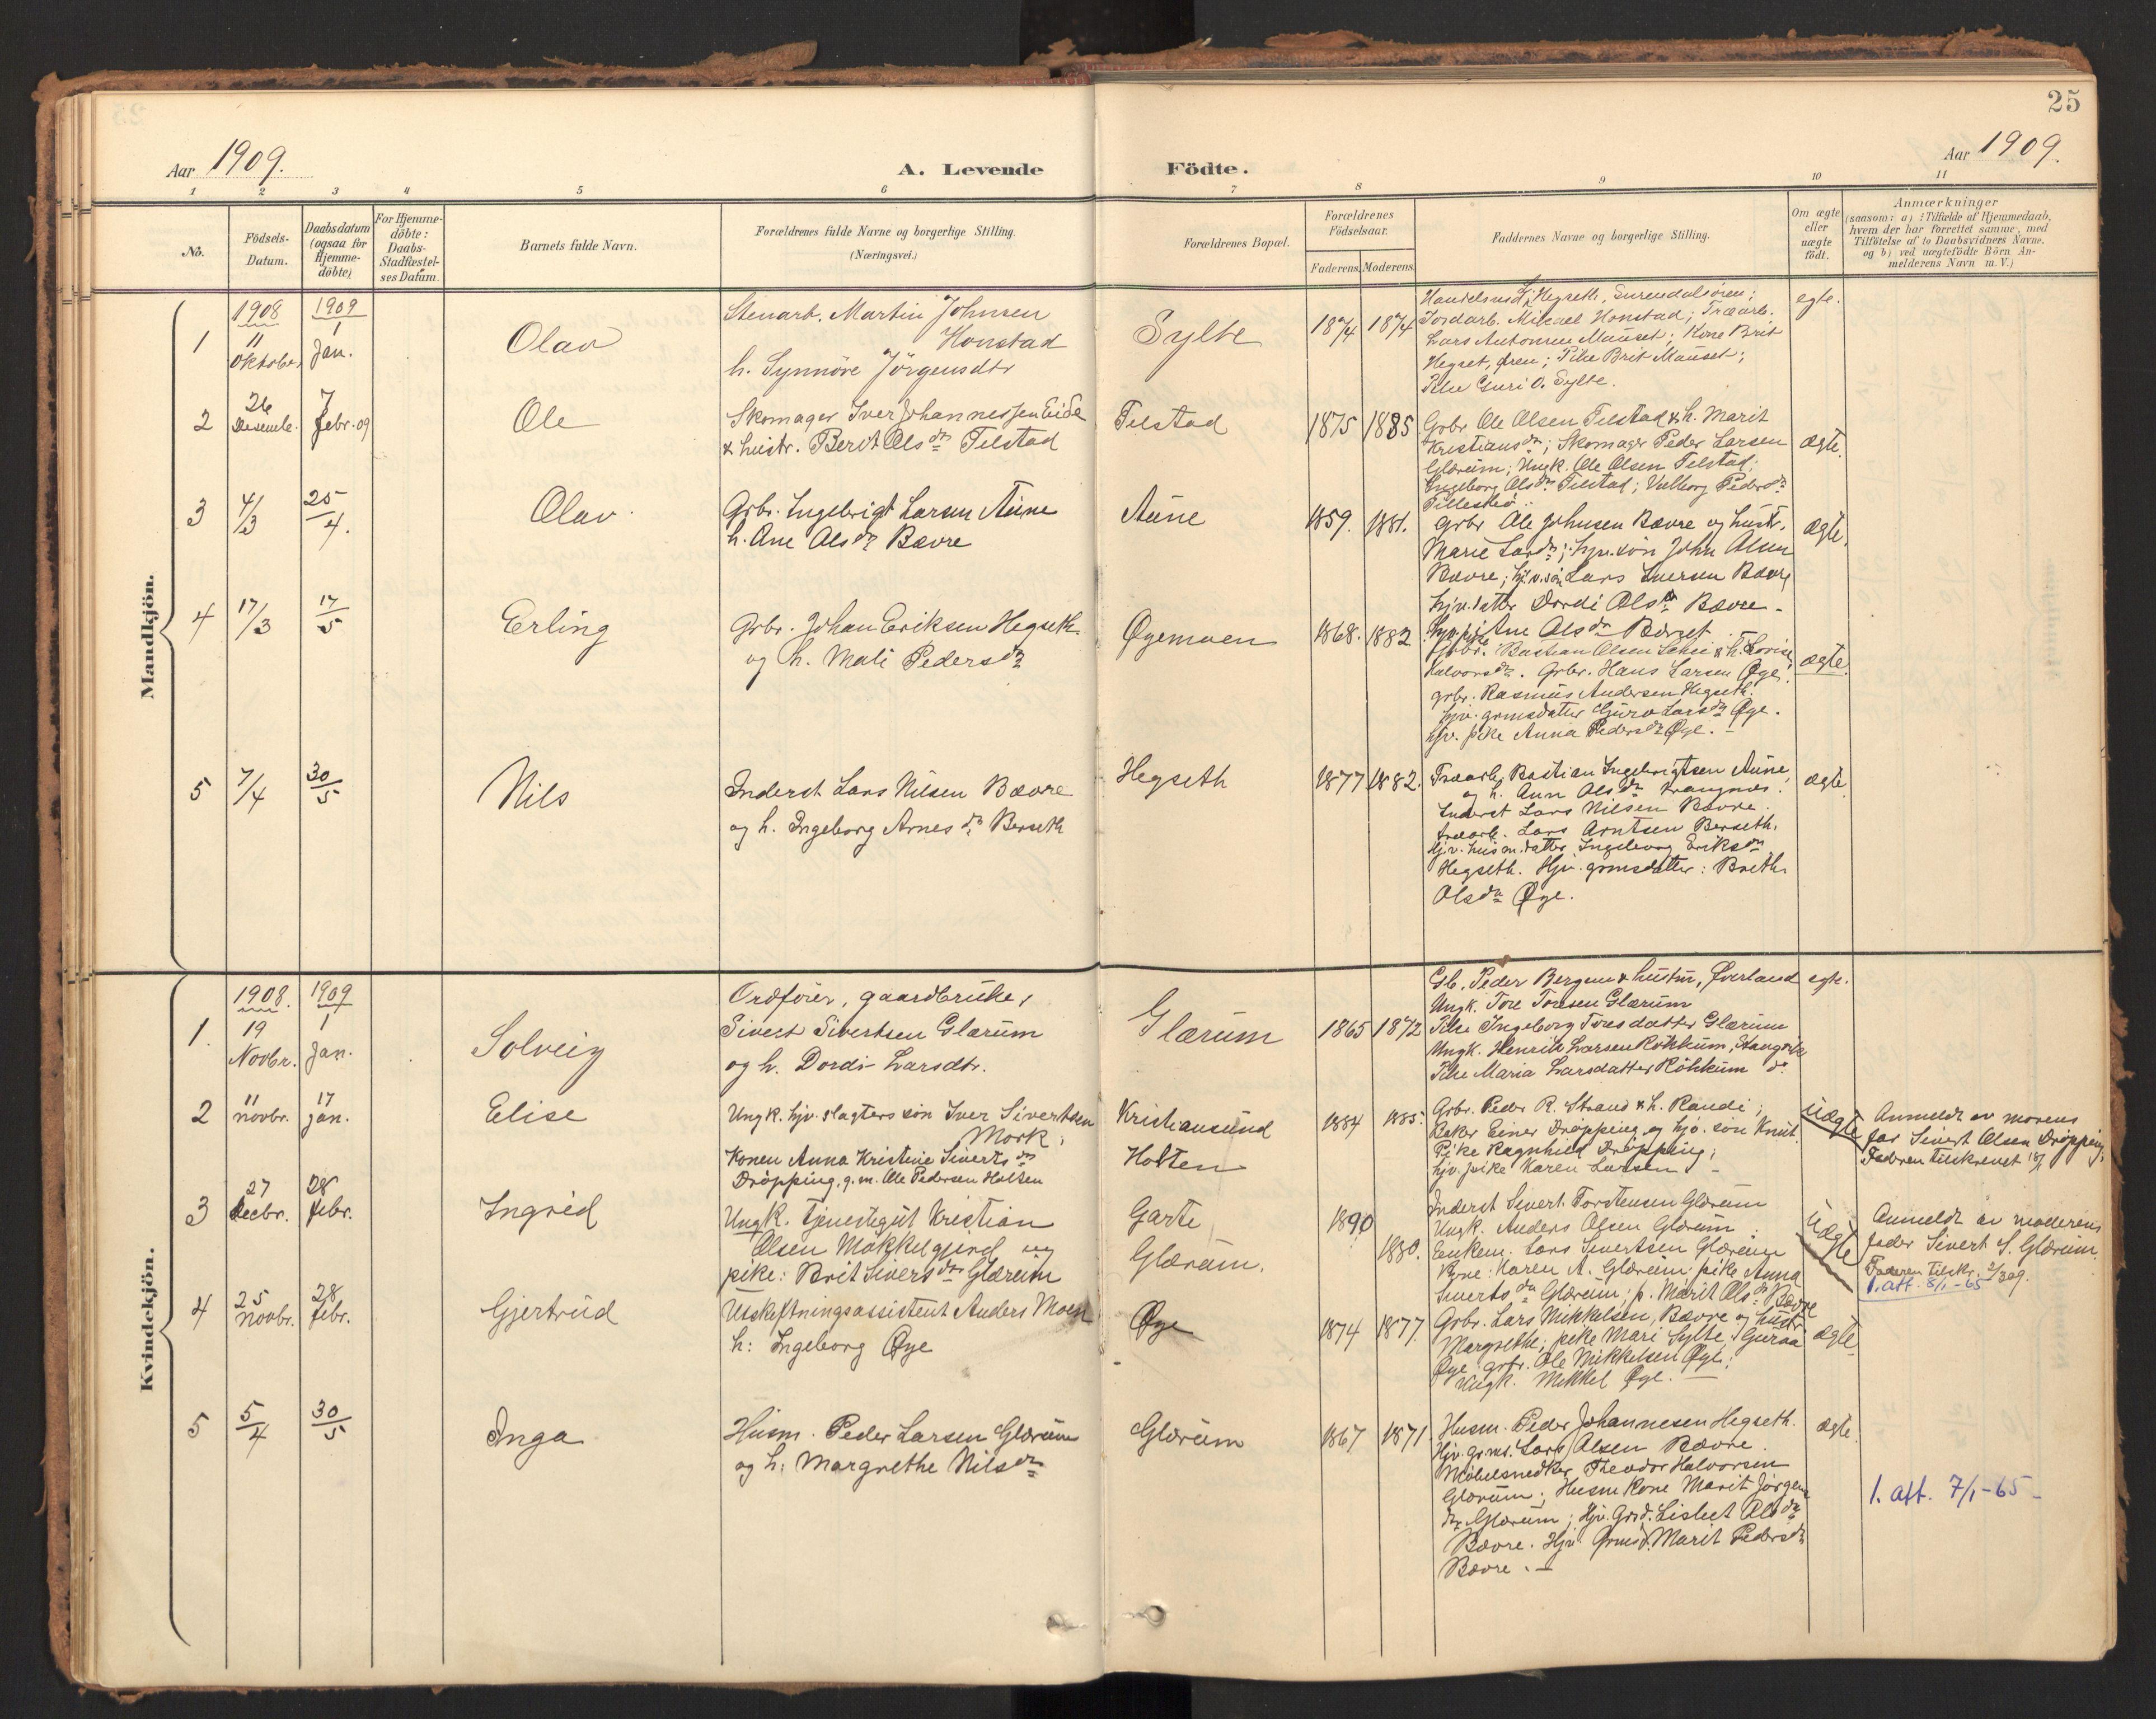 SAT, Ministerialprotokoller, klokkerbøker og fødselsregistre - Møre og Romsdal, 595/L1048: Ministerialbok nr. 595A10, 1900-1917, s. 25